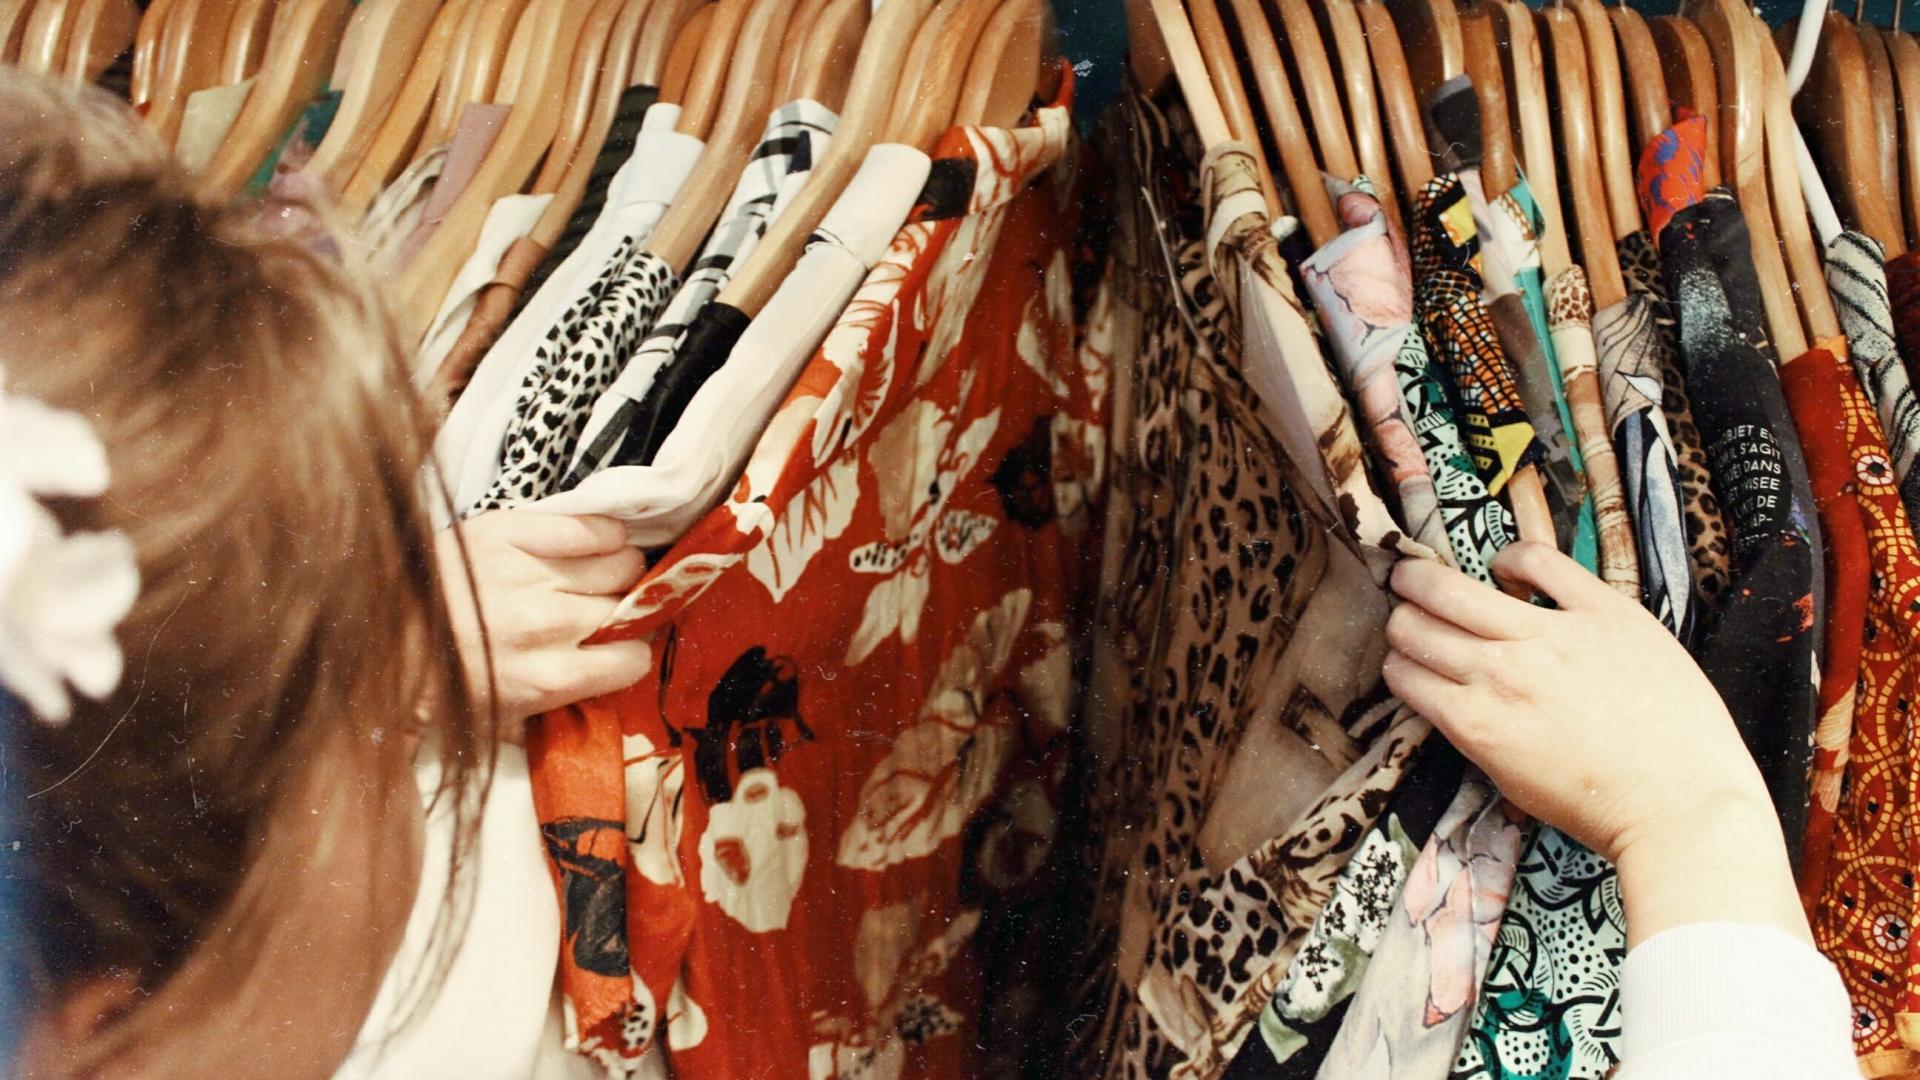 Frau durchsucht Kleidung